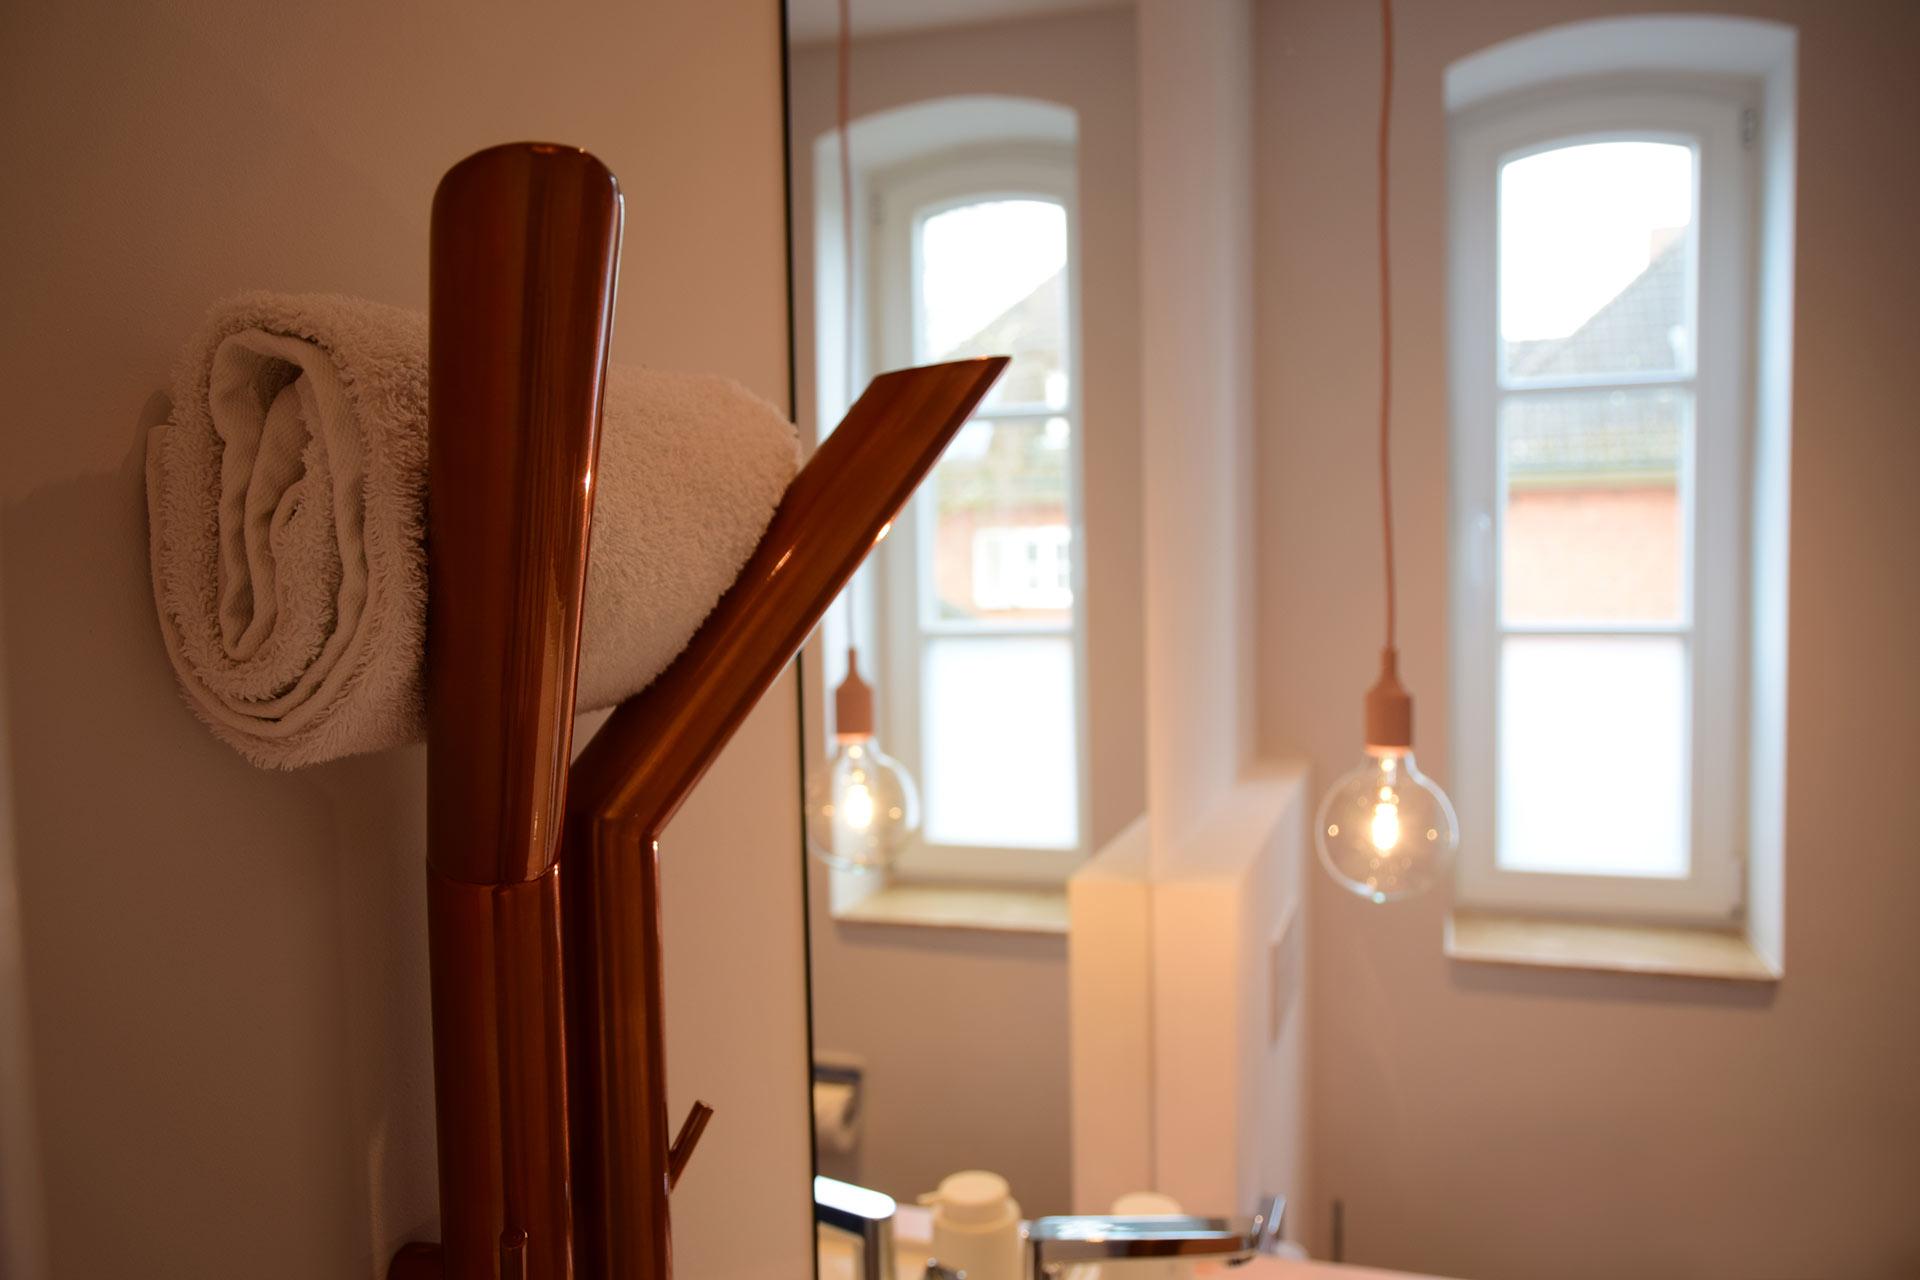 Heizkörper Y Tube von Nordholm. Entwurf von JOI-Design.